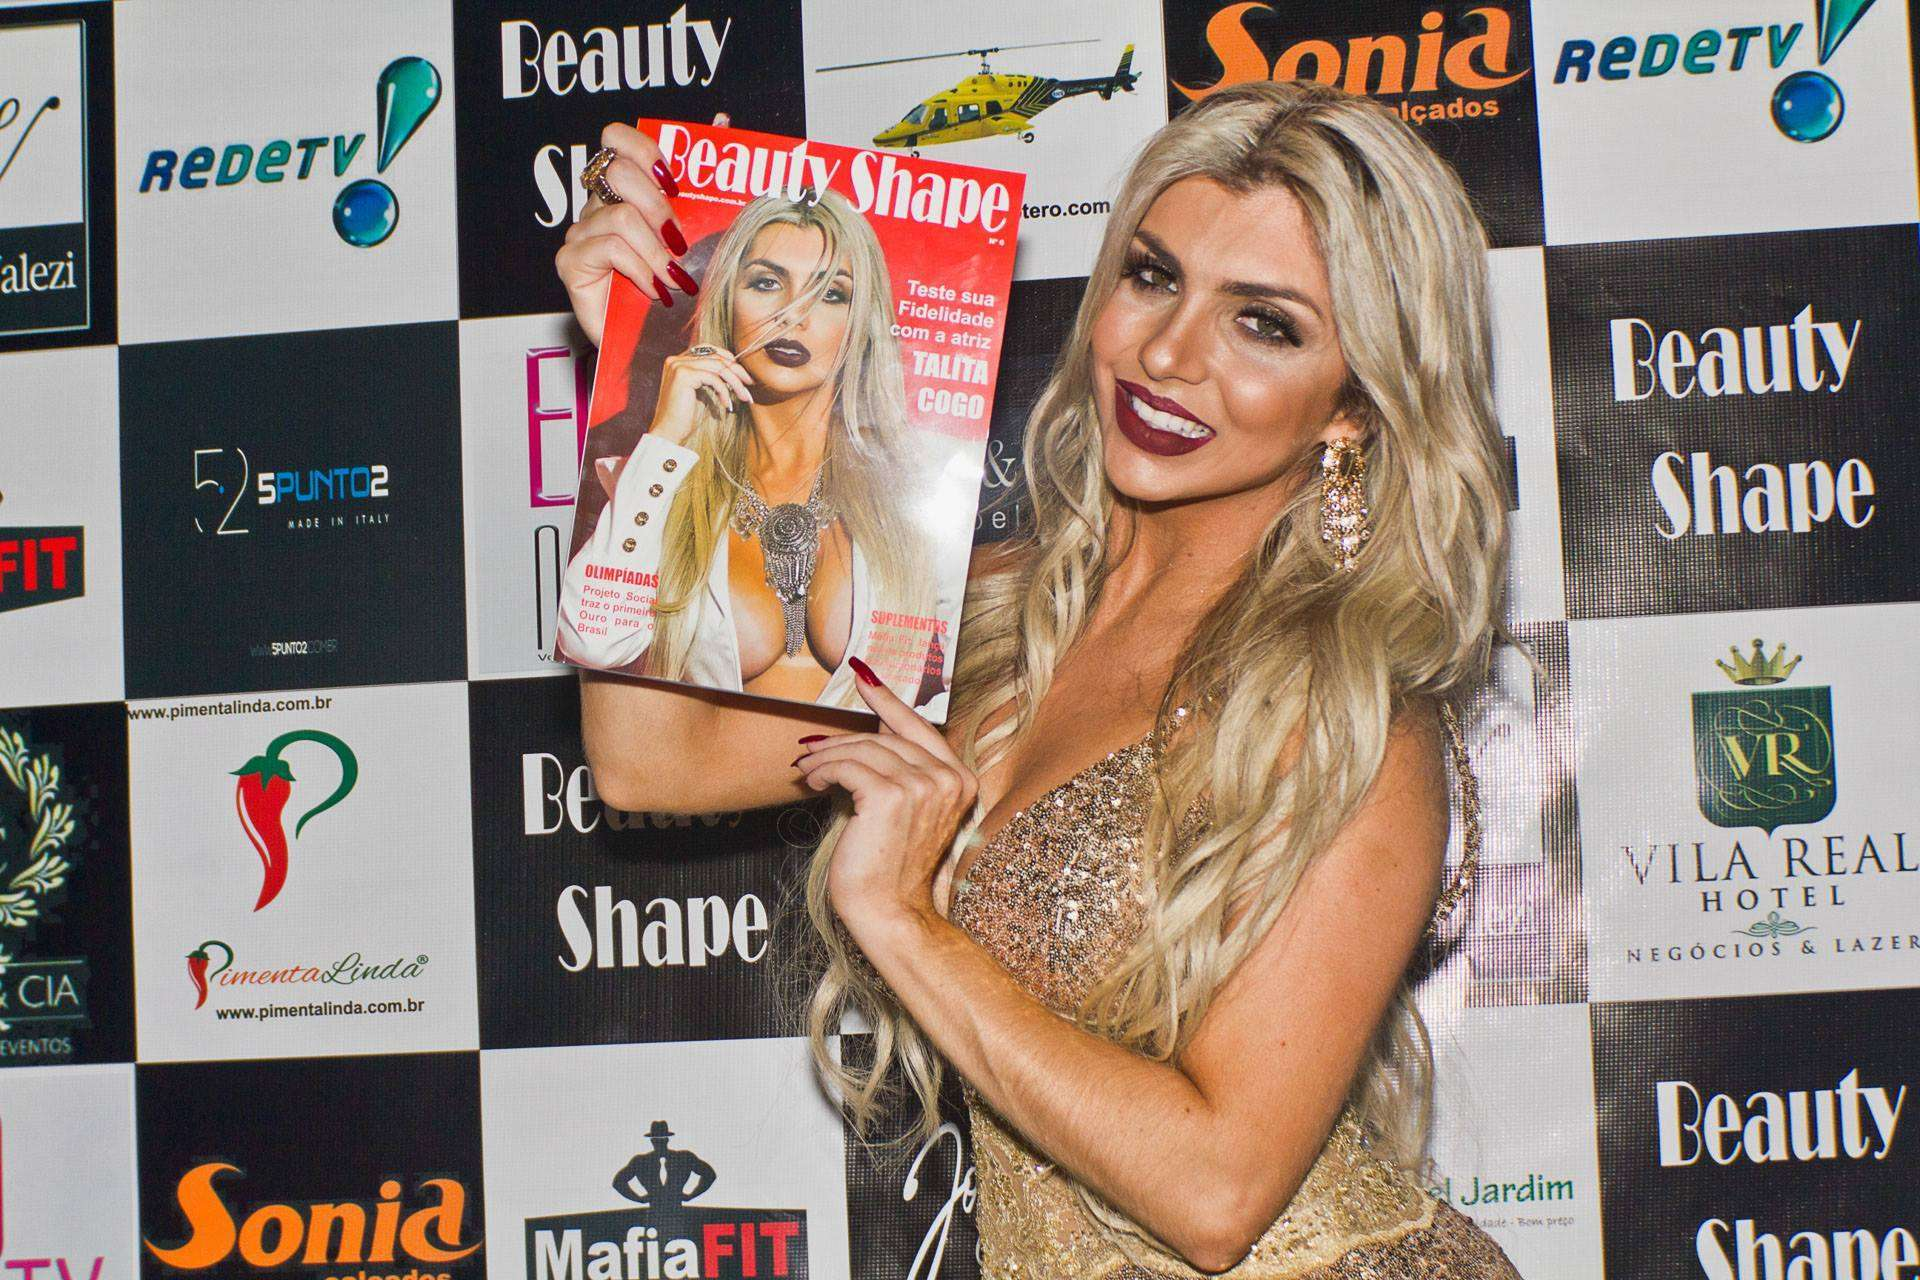 Festa de lançamento da revista  Beauty Shape 1